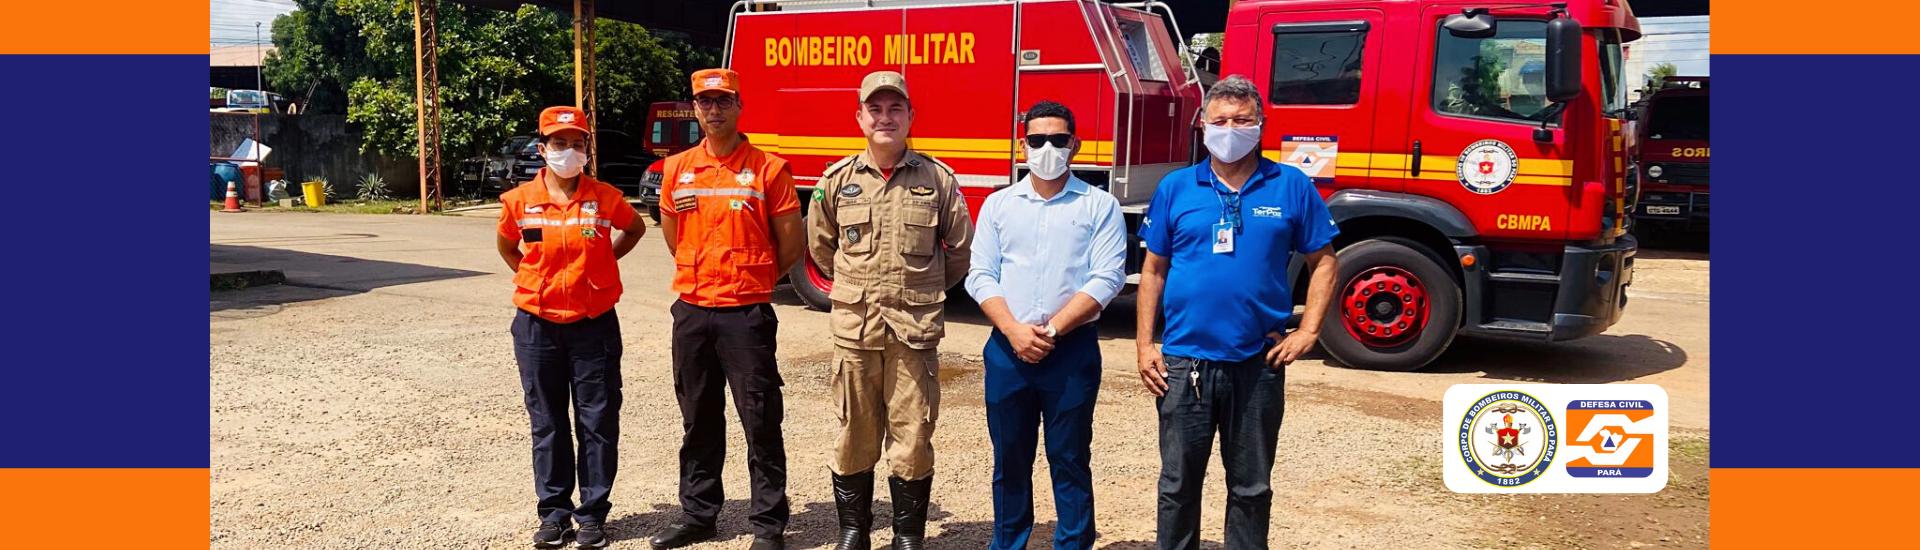 Defesa Civil e TERPAZ visitam o 23º Grupamento Bombeiro Militar – Parauapebas